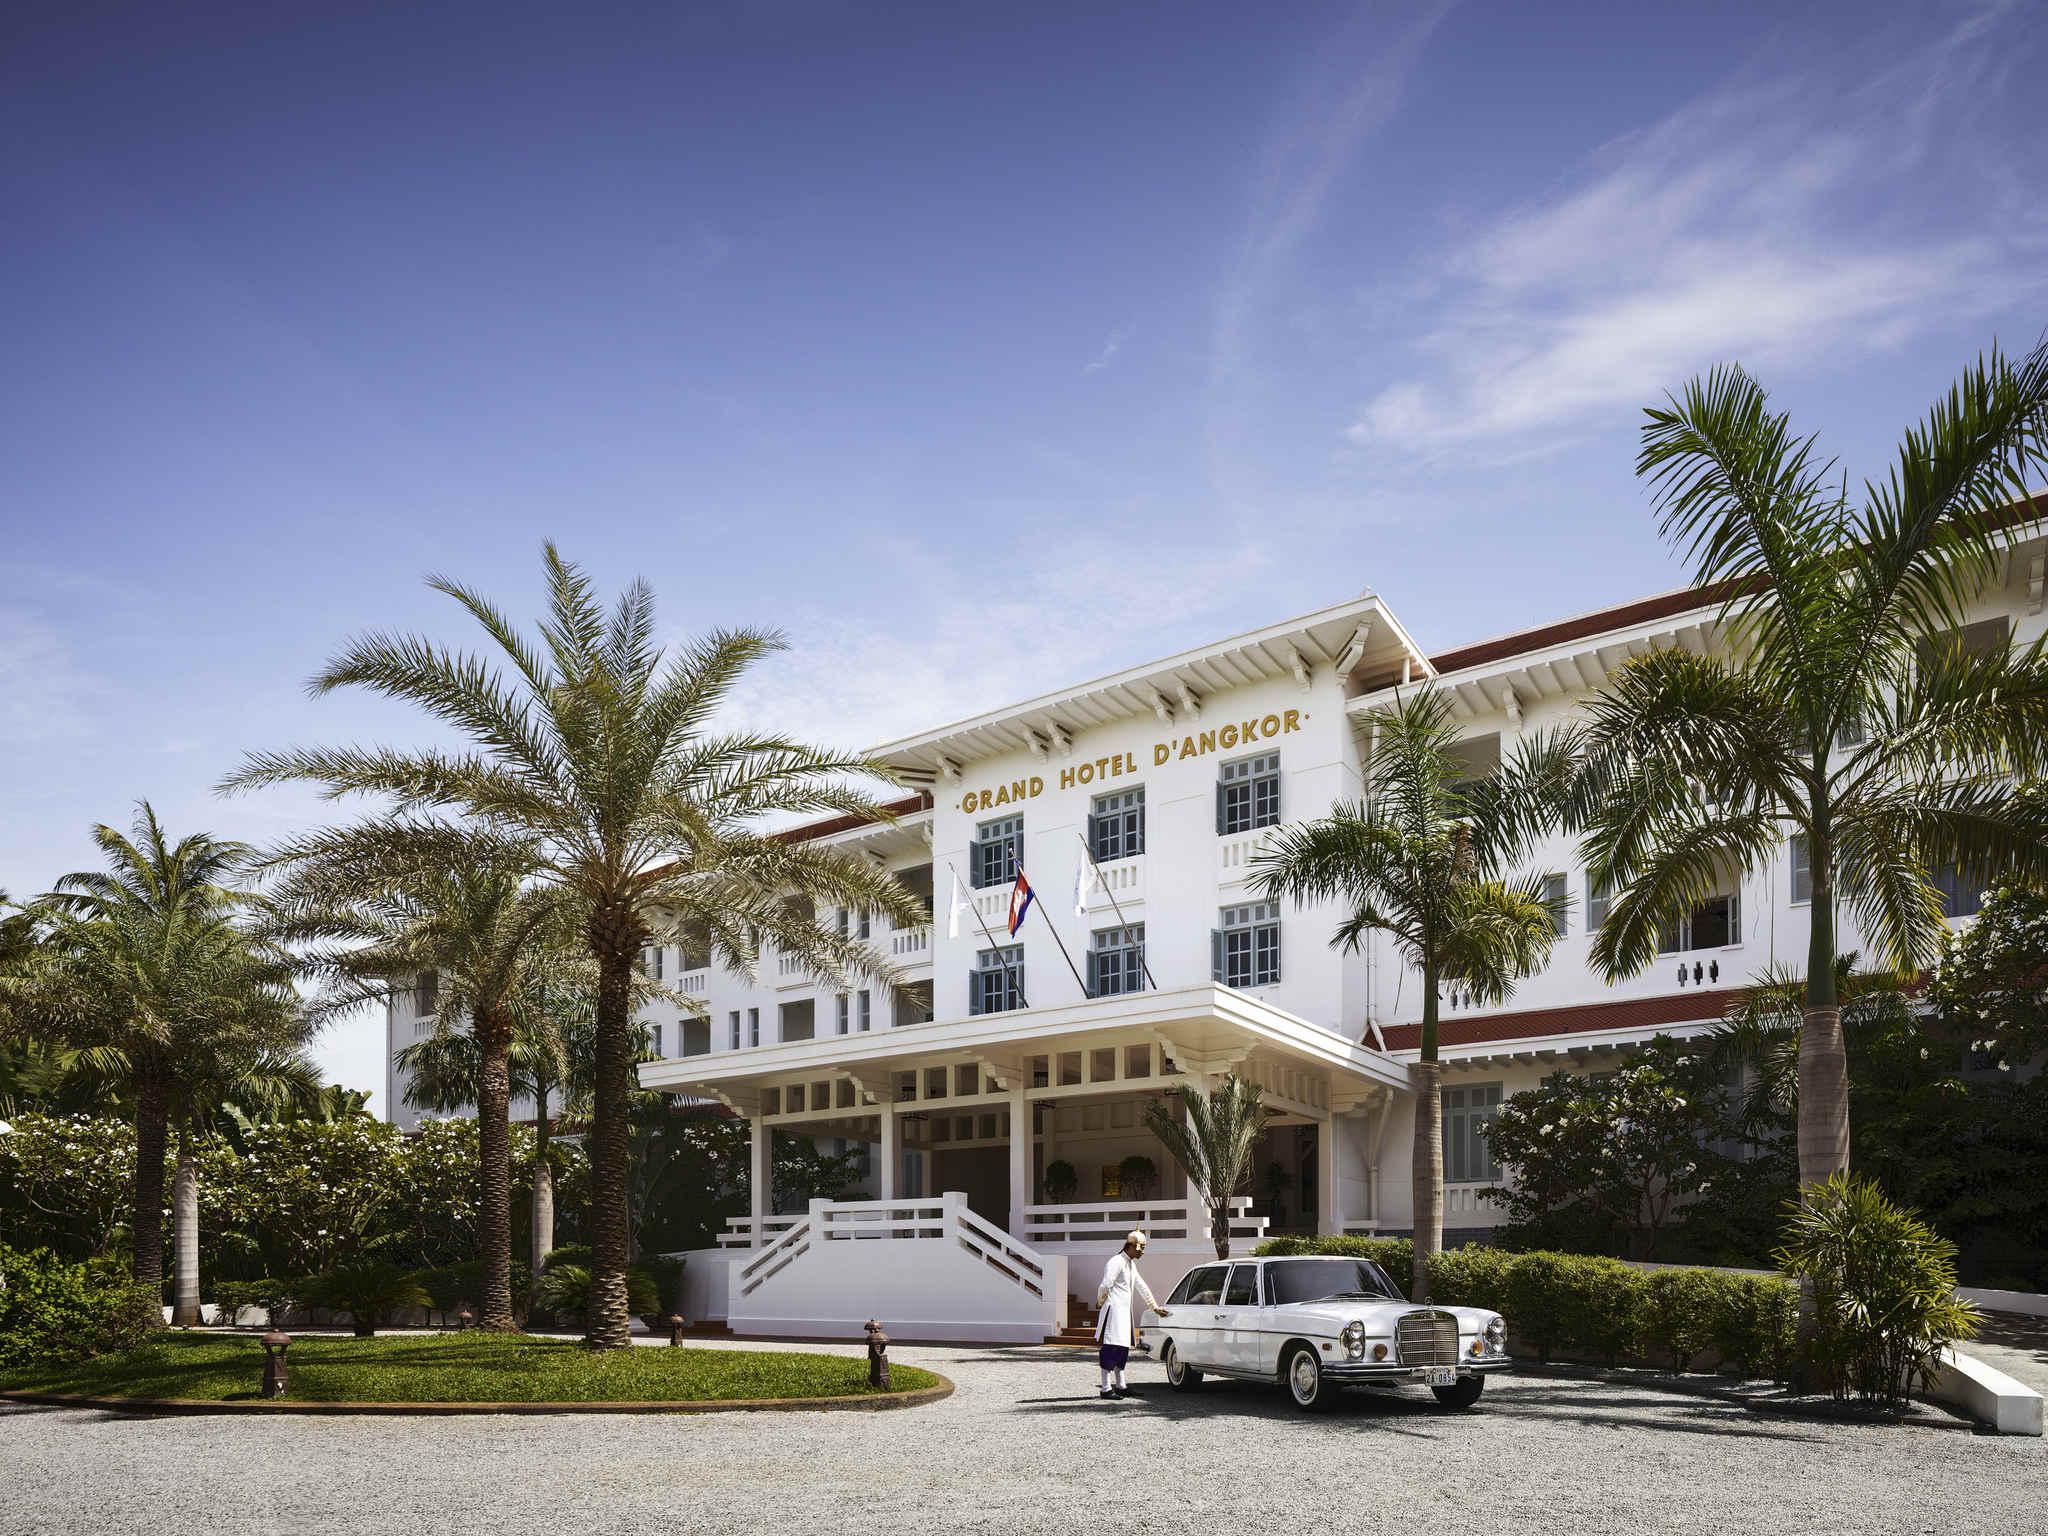 Hotel – Raffles Grand Hotel d'Angkor